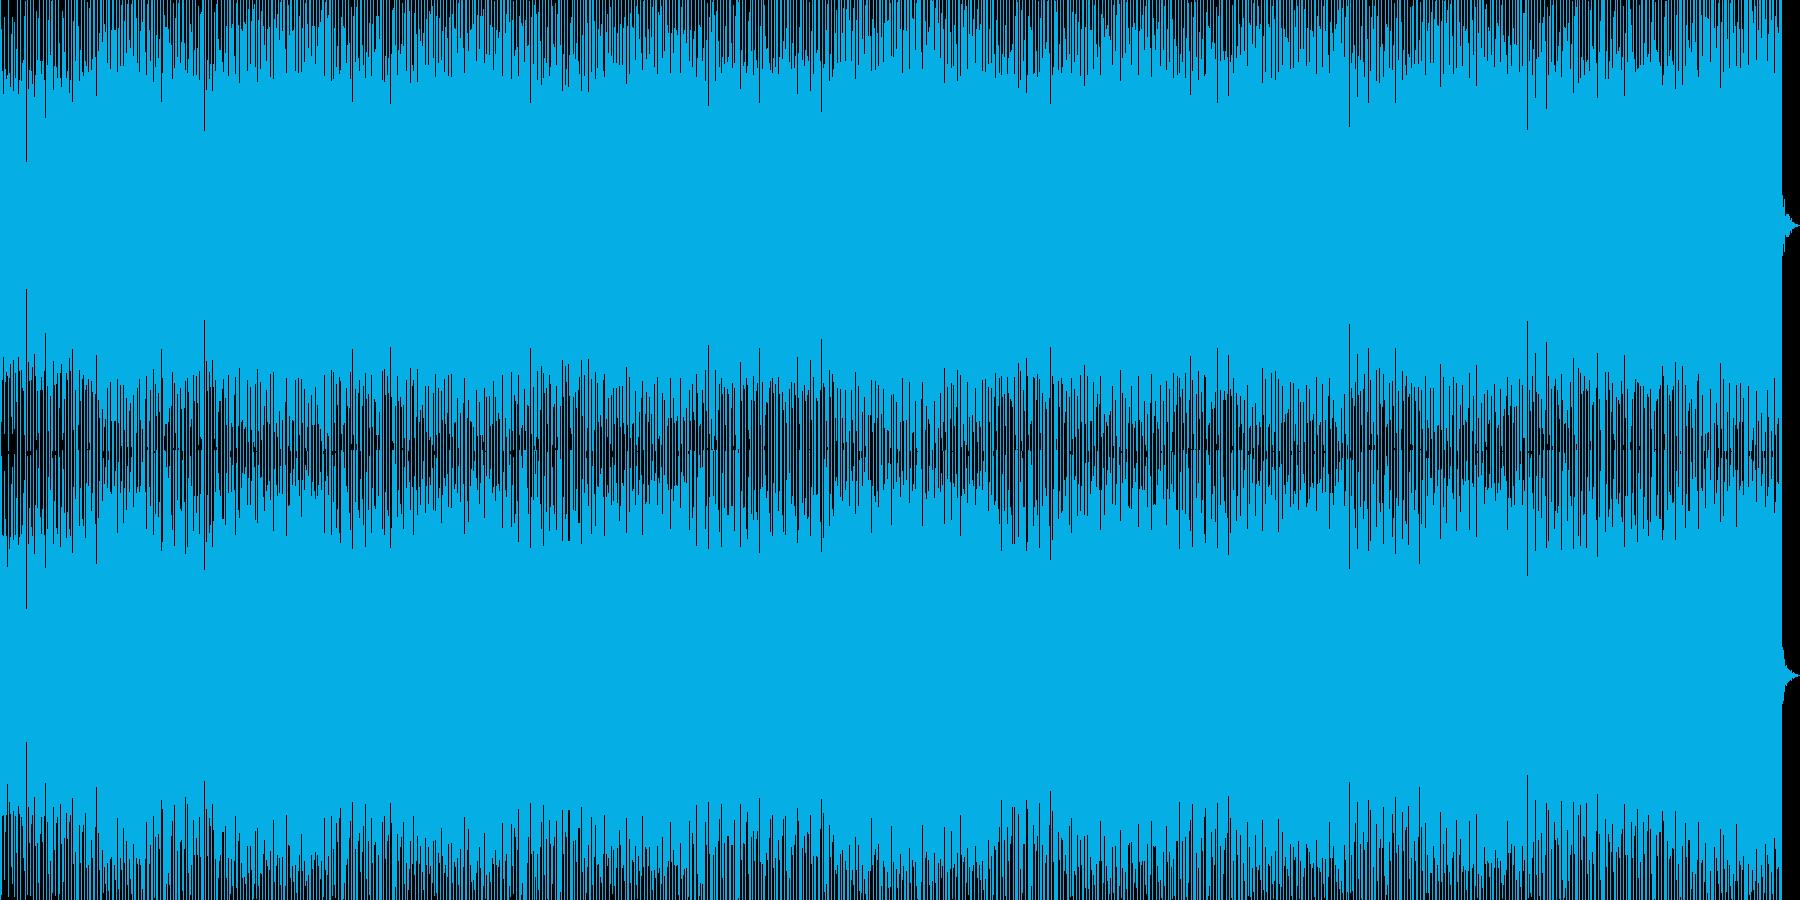 トーク用、陽気で元気でポップな曲の再生済みの波形